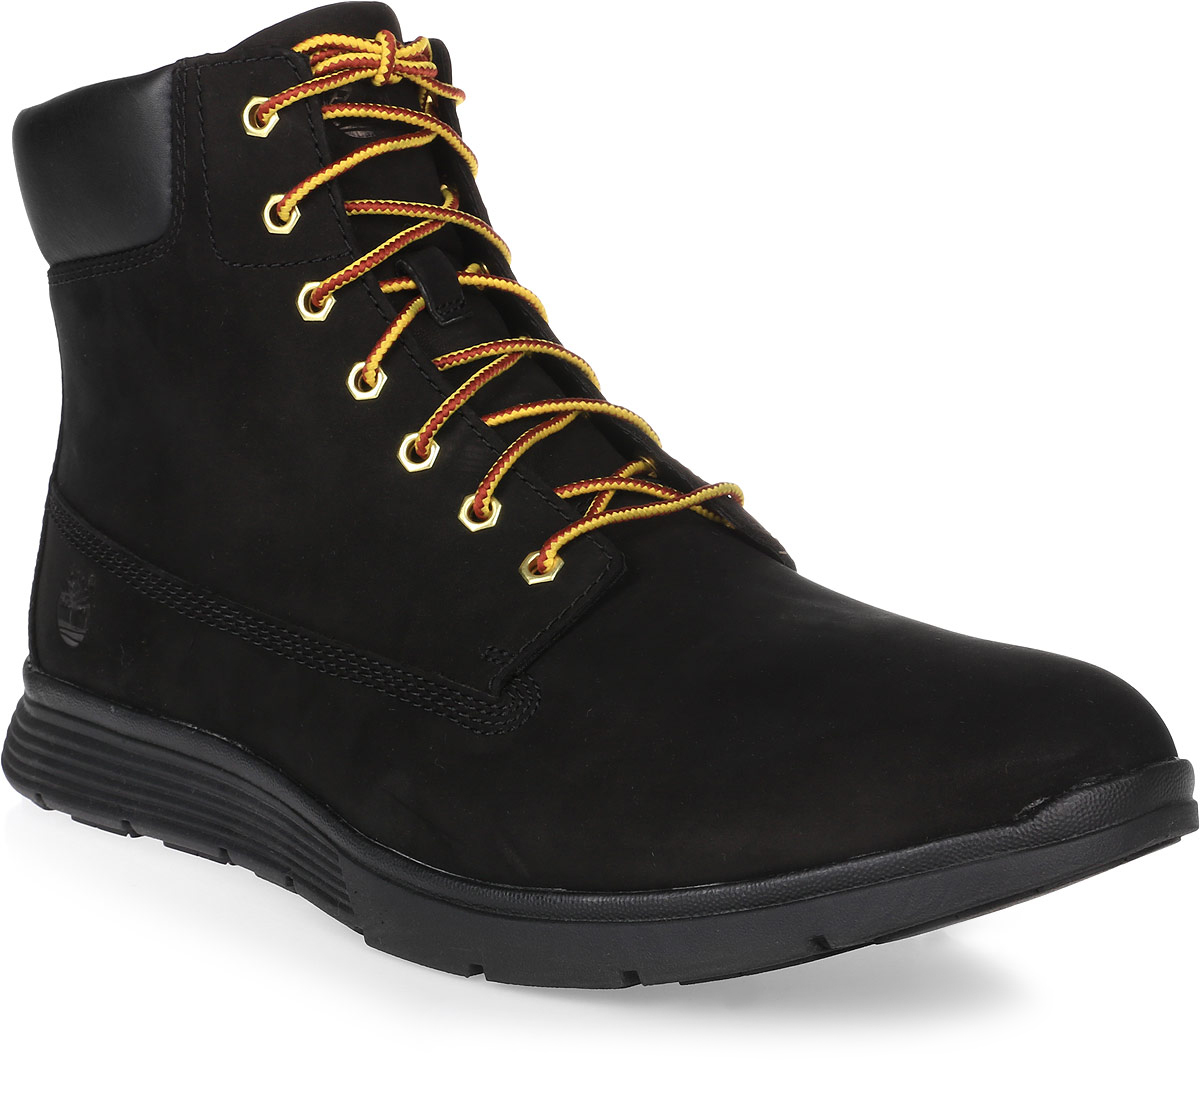 Ботинки мужские Timberland Killington 6 Boot, цвет: черный. TBLA19URW. Размер 9 (42)TBLA19URWСтильные мужские ботинки 6 Boot от Timberland заинтересуют вас своим дизайном с первого взгляда! Модель изготовлена из натурального нубука с эксклюзивной технологией Anti-Fatigue. Герметичная водонепроницаемая конструкция сохранит ноги сухими в любую погоду. Обувь оформлена сбоку и на язычке фирменным тиснением, вдоль ранта - крупной прострочкой. Классическая шнуровка прочно зафиксирует обувь на вашей ноге. Внутренняя поверхность из текстиля не натирает. Стелька из материала ЭВА с текстильной поверхностью комфортна при движении. Прочная подошва с рельефным протектором гарантирует отличное сцепление с любой поверхностью. Модные ботинки займут достойное место среди вашей коллекции обуви.